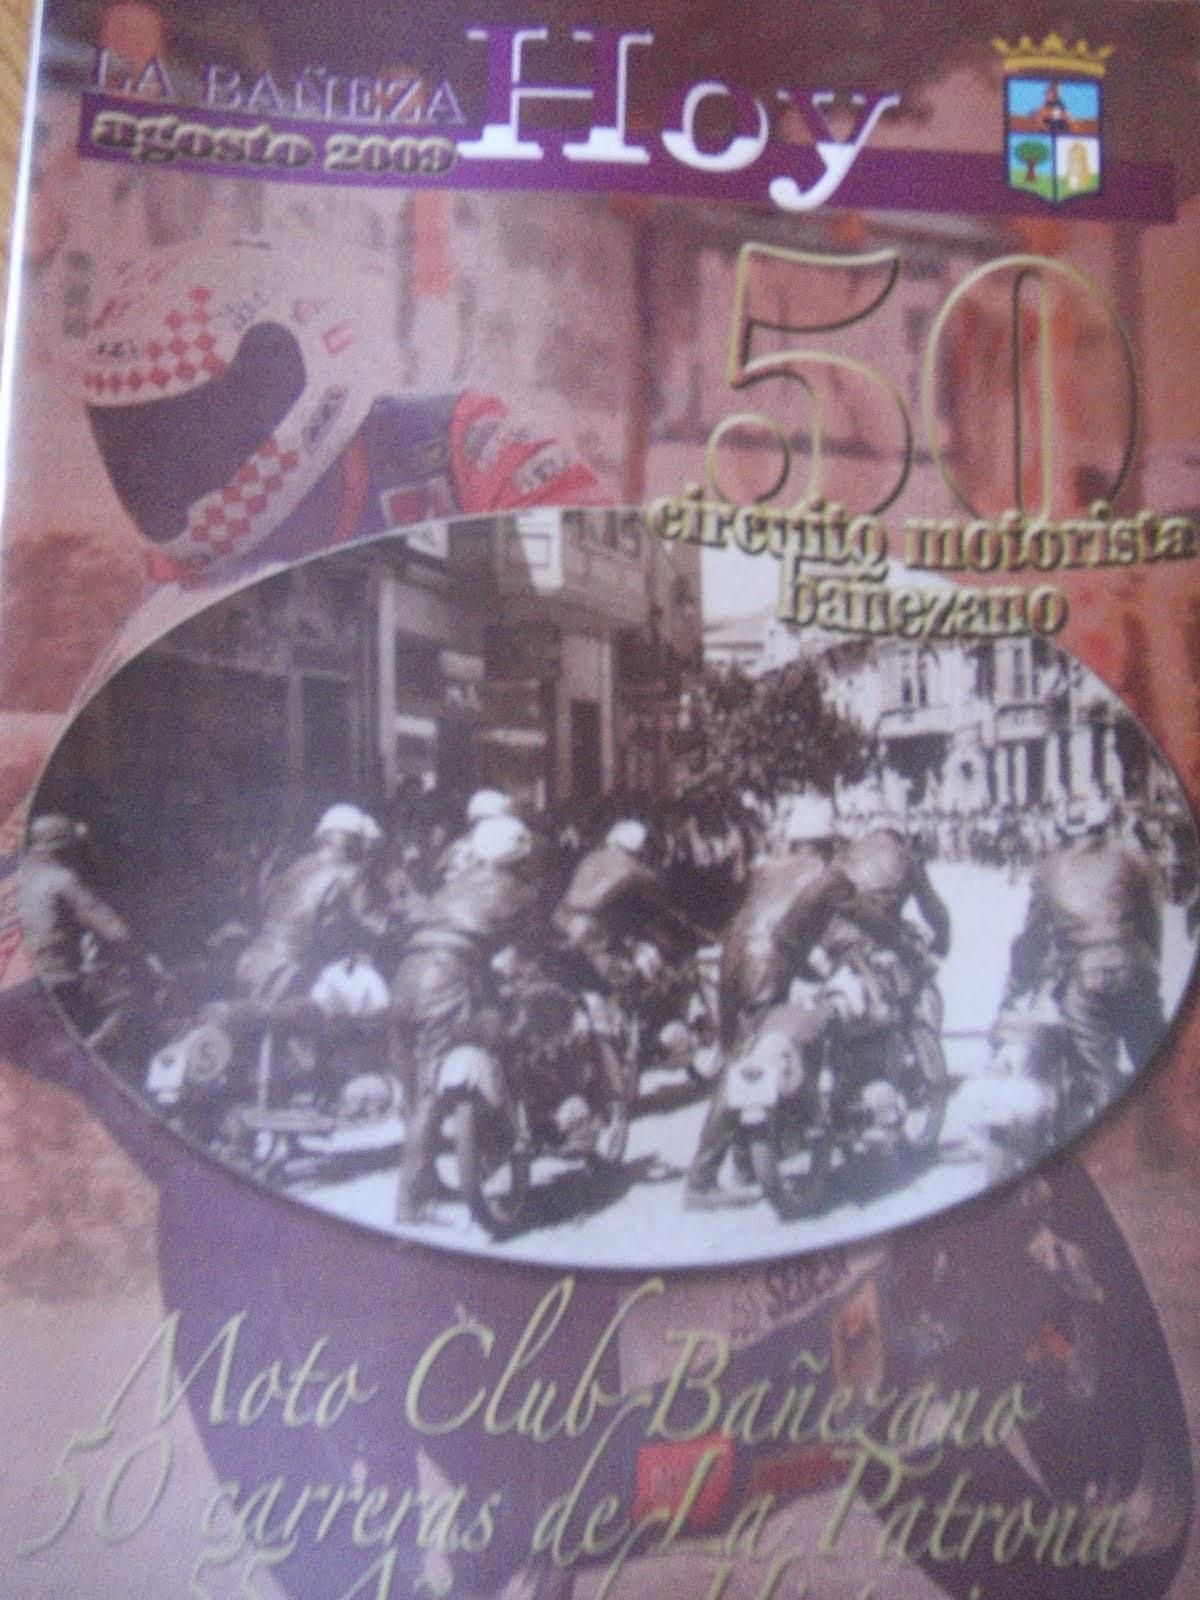 ULTIMOS 4 EJEMPLARES IRREPRODUCIBLE E INEDITABLE (fotocopia) Historia del Moto Club bañezano